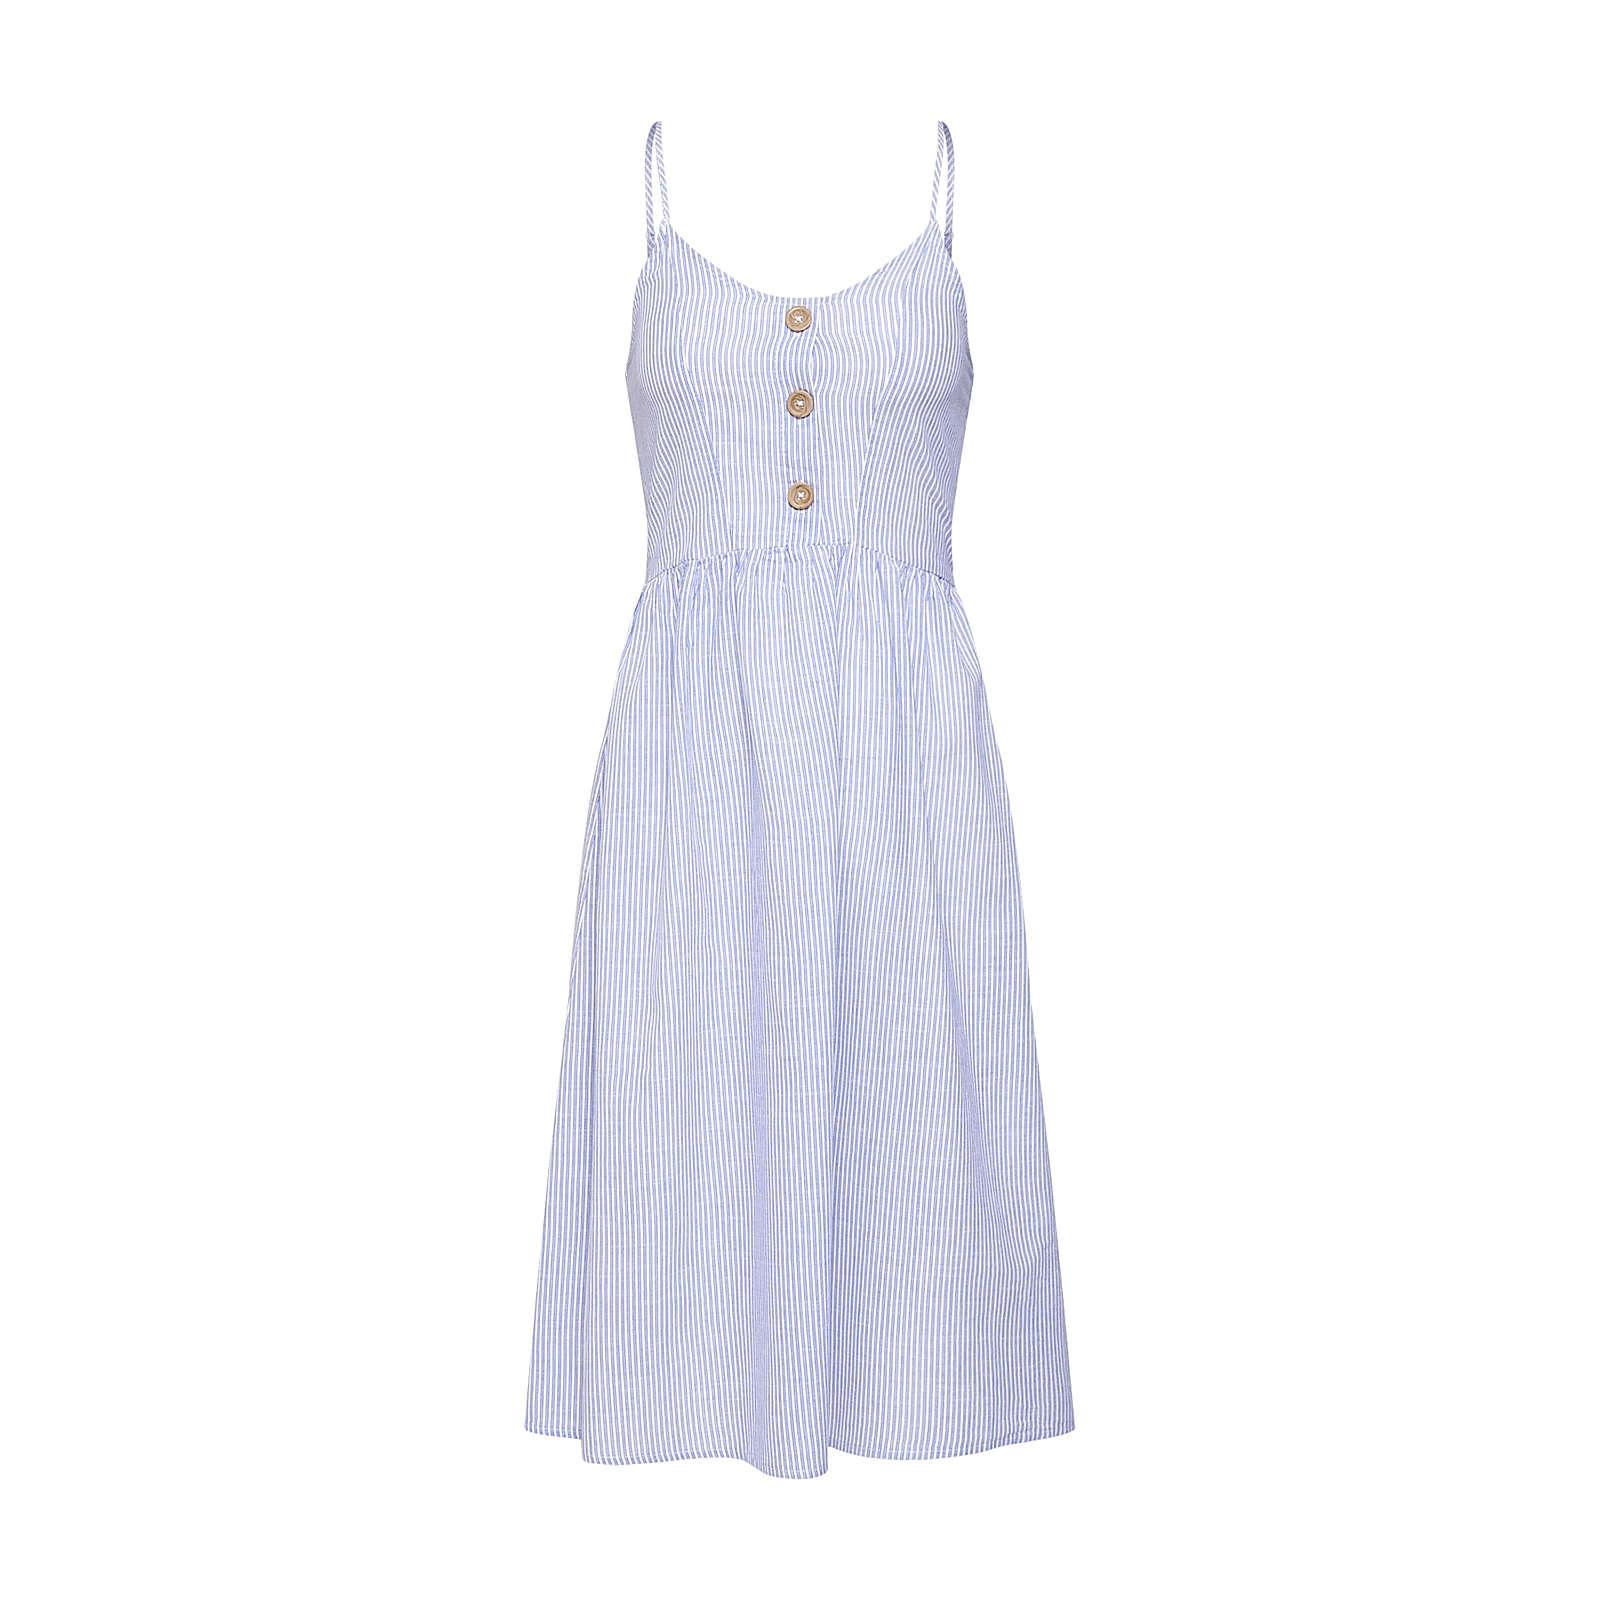 ONLY Sommerkleid Sommerkleider weiß Damen Gr. 40